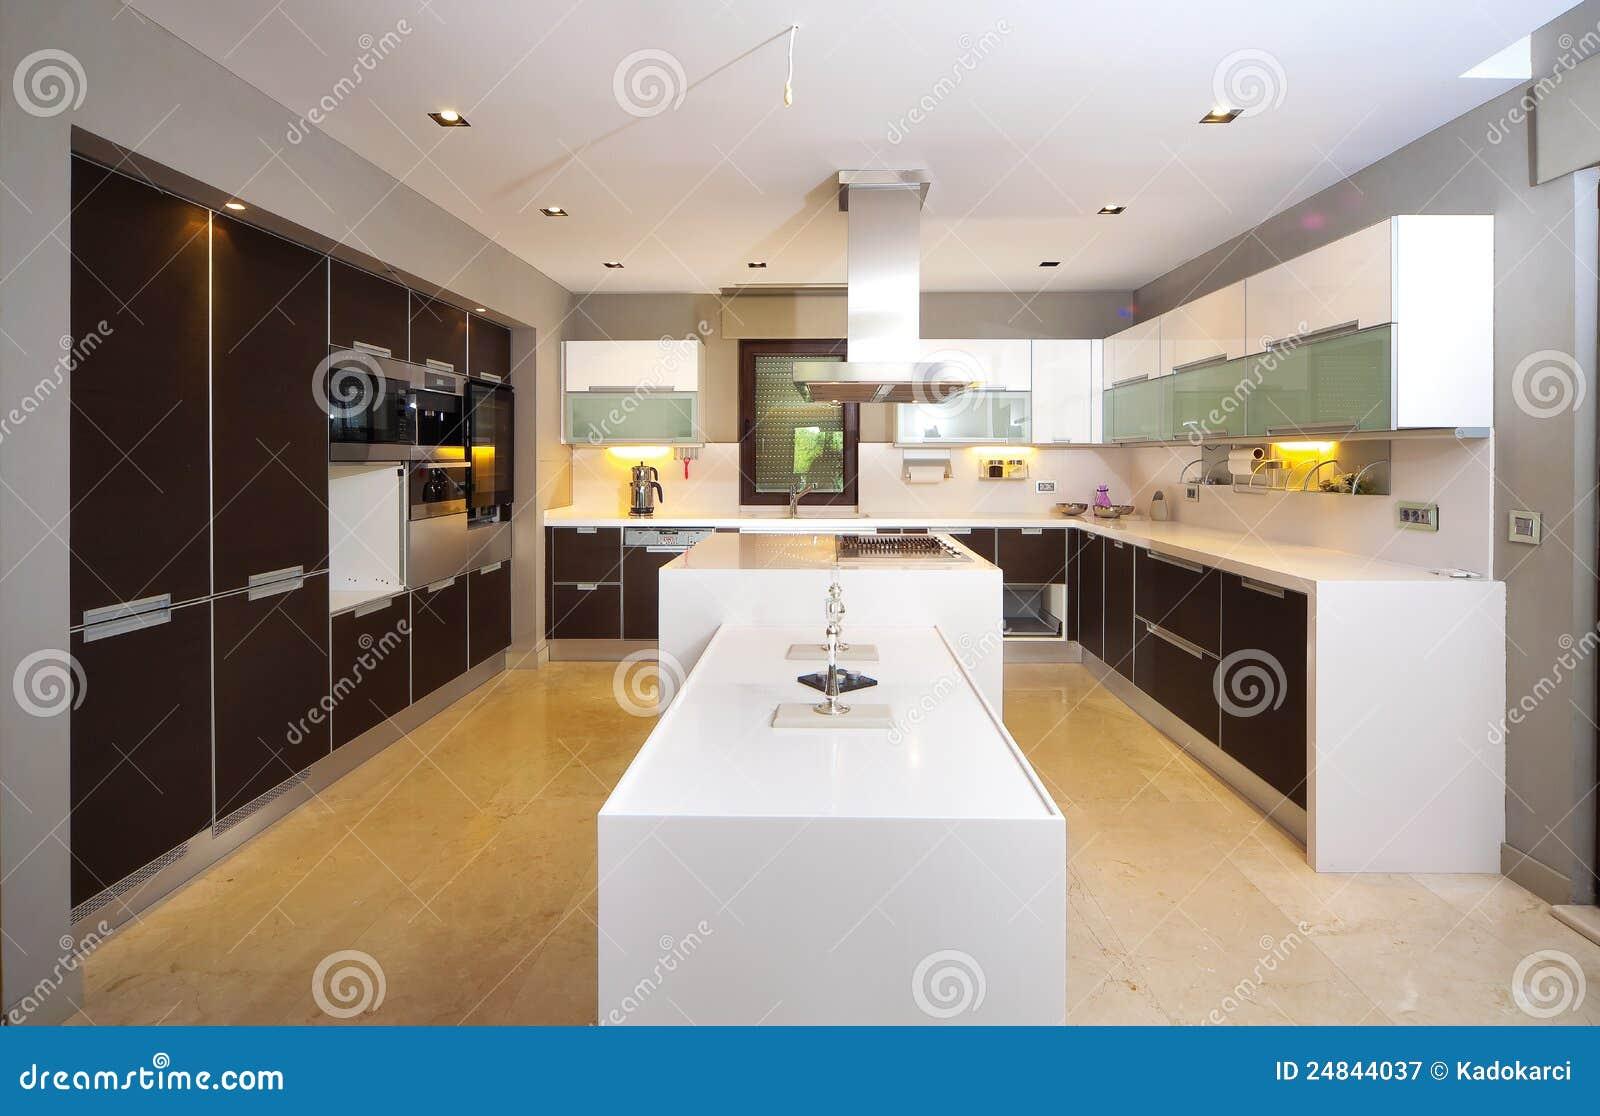 Chambre A Coucher 180X200 : Cuisine et matériels contemporains modernes de cuisine